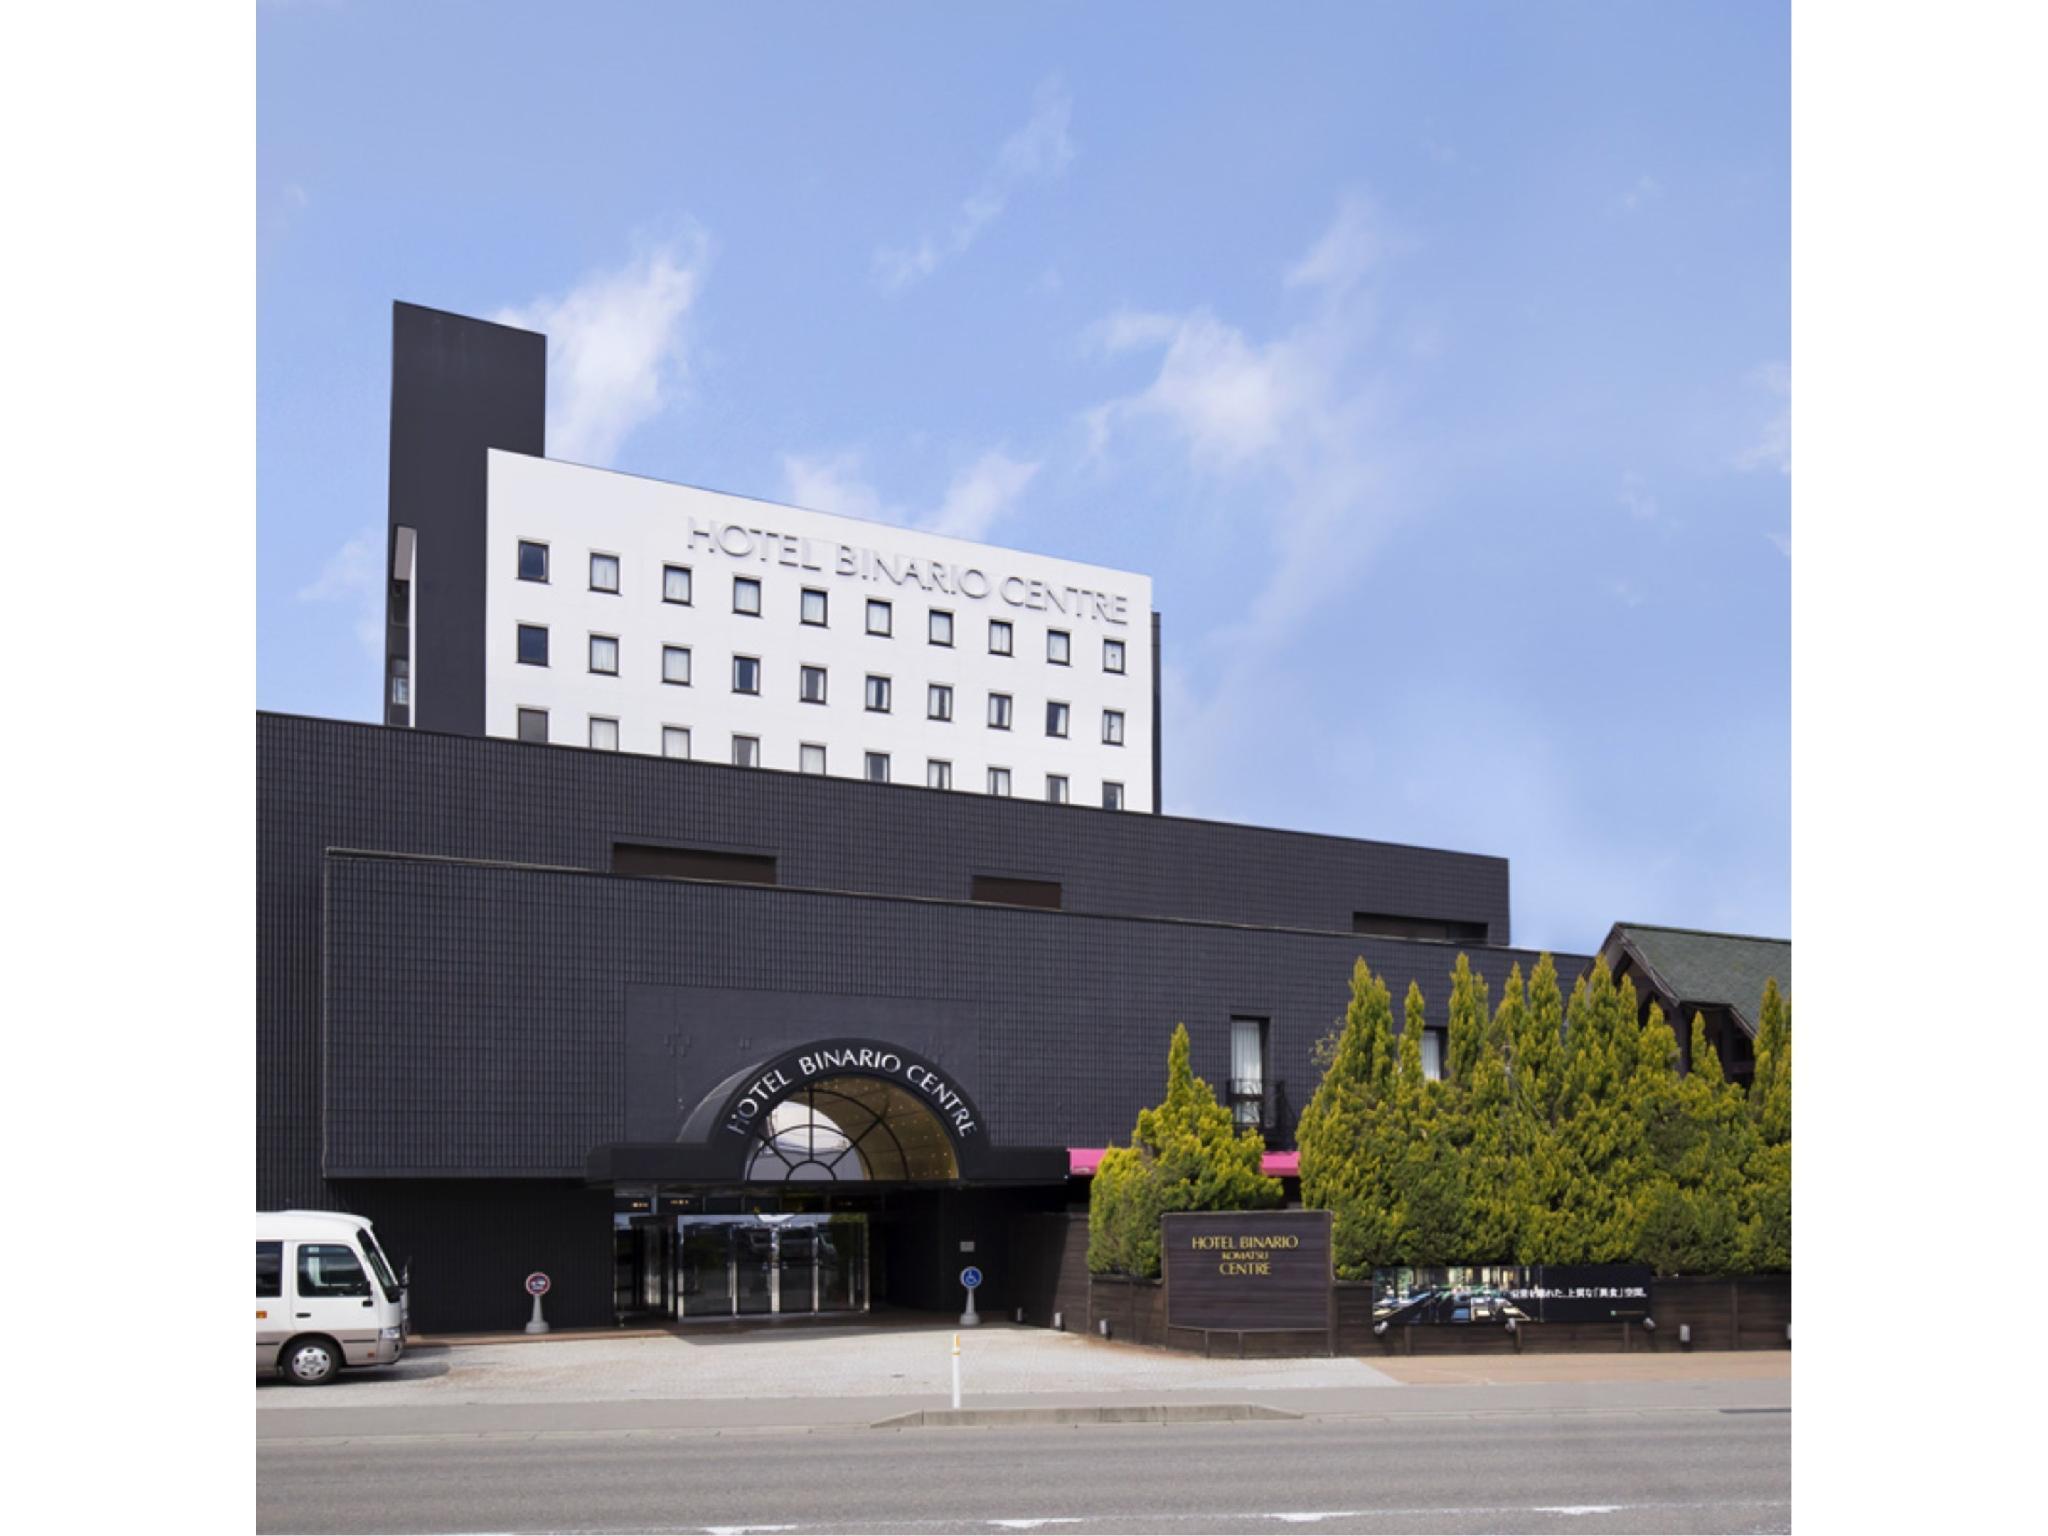 Hotel Binario Komatsu Centre  Formerly  Hotel Sunroute Komatsu